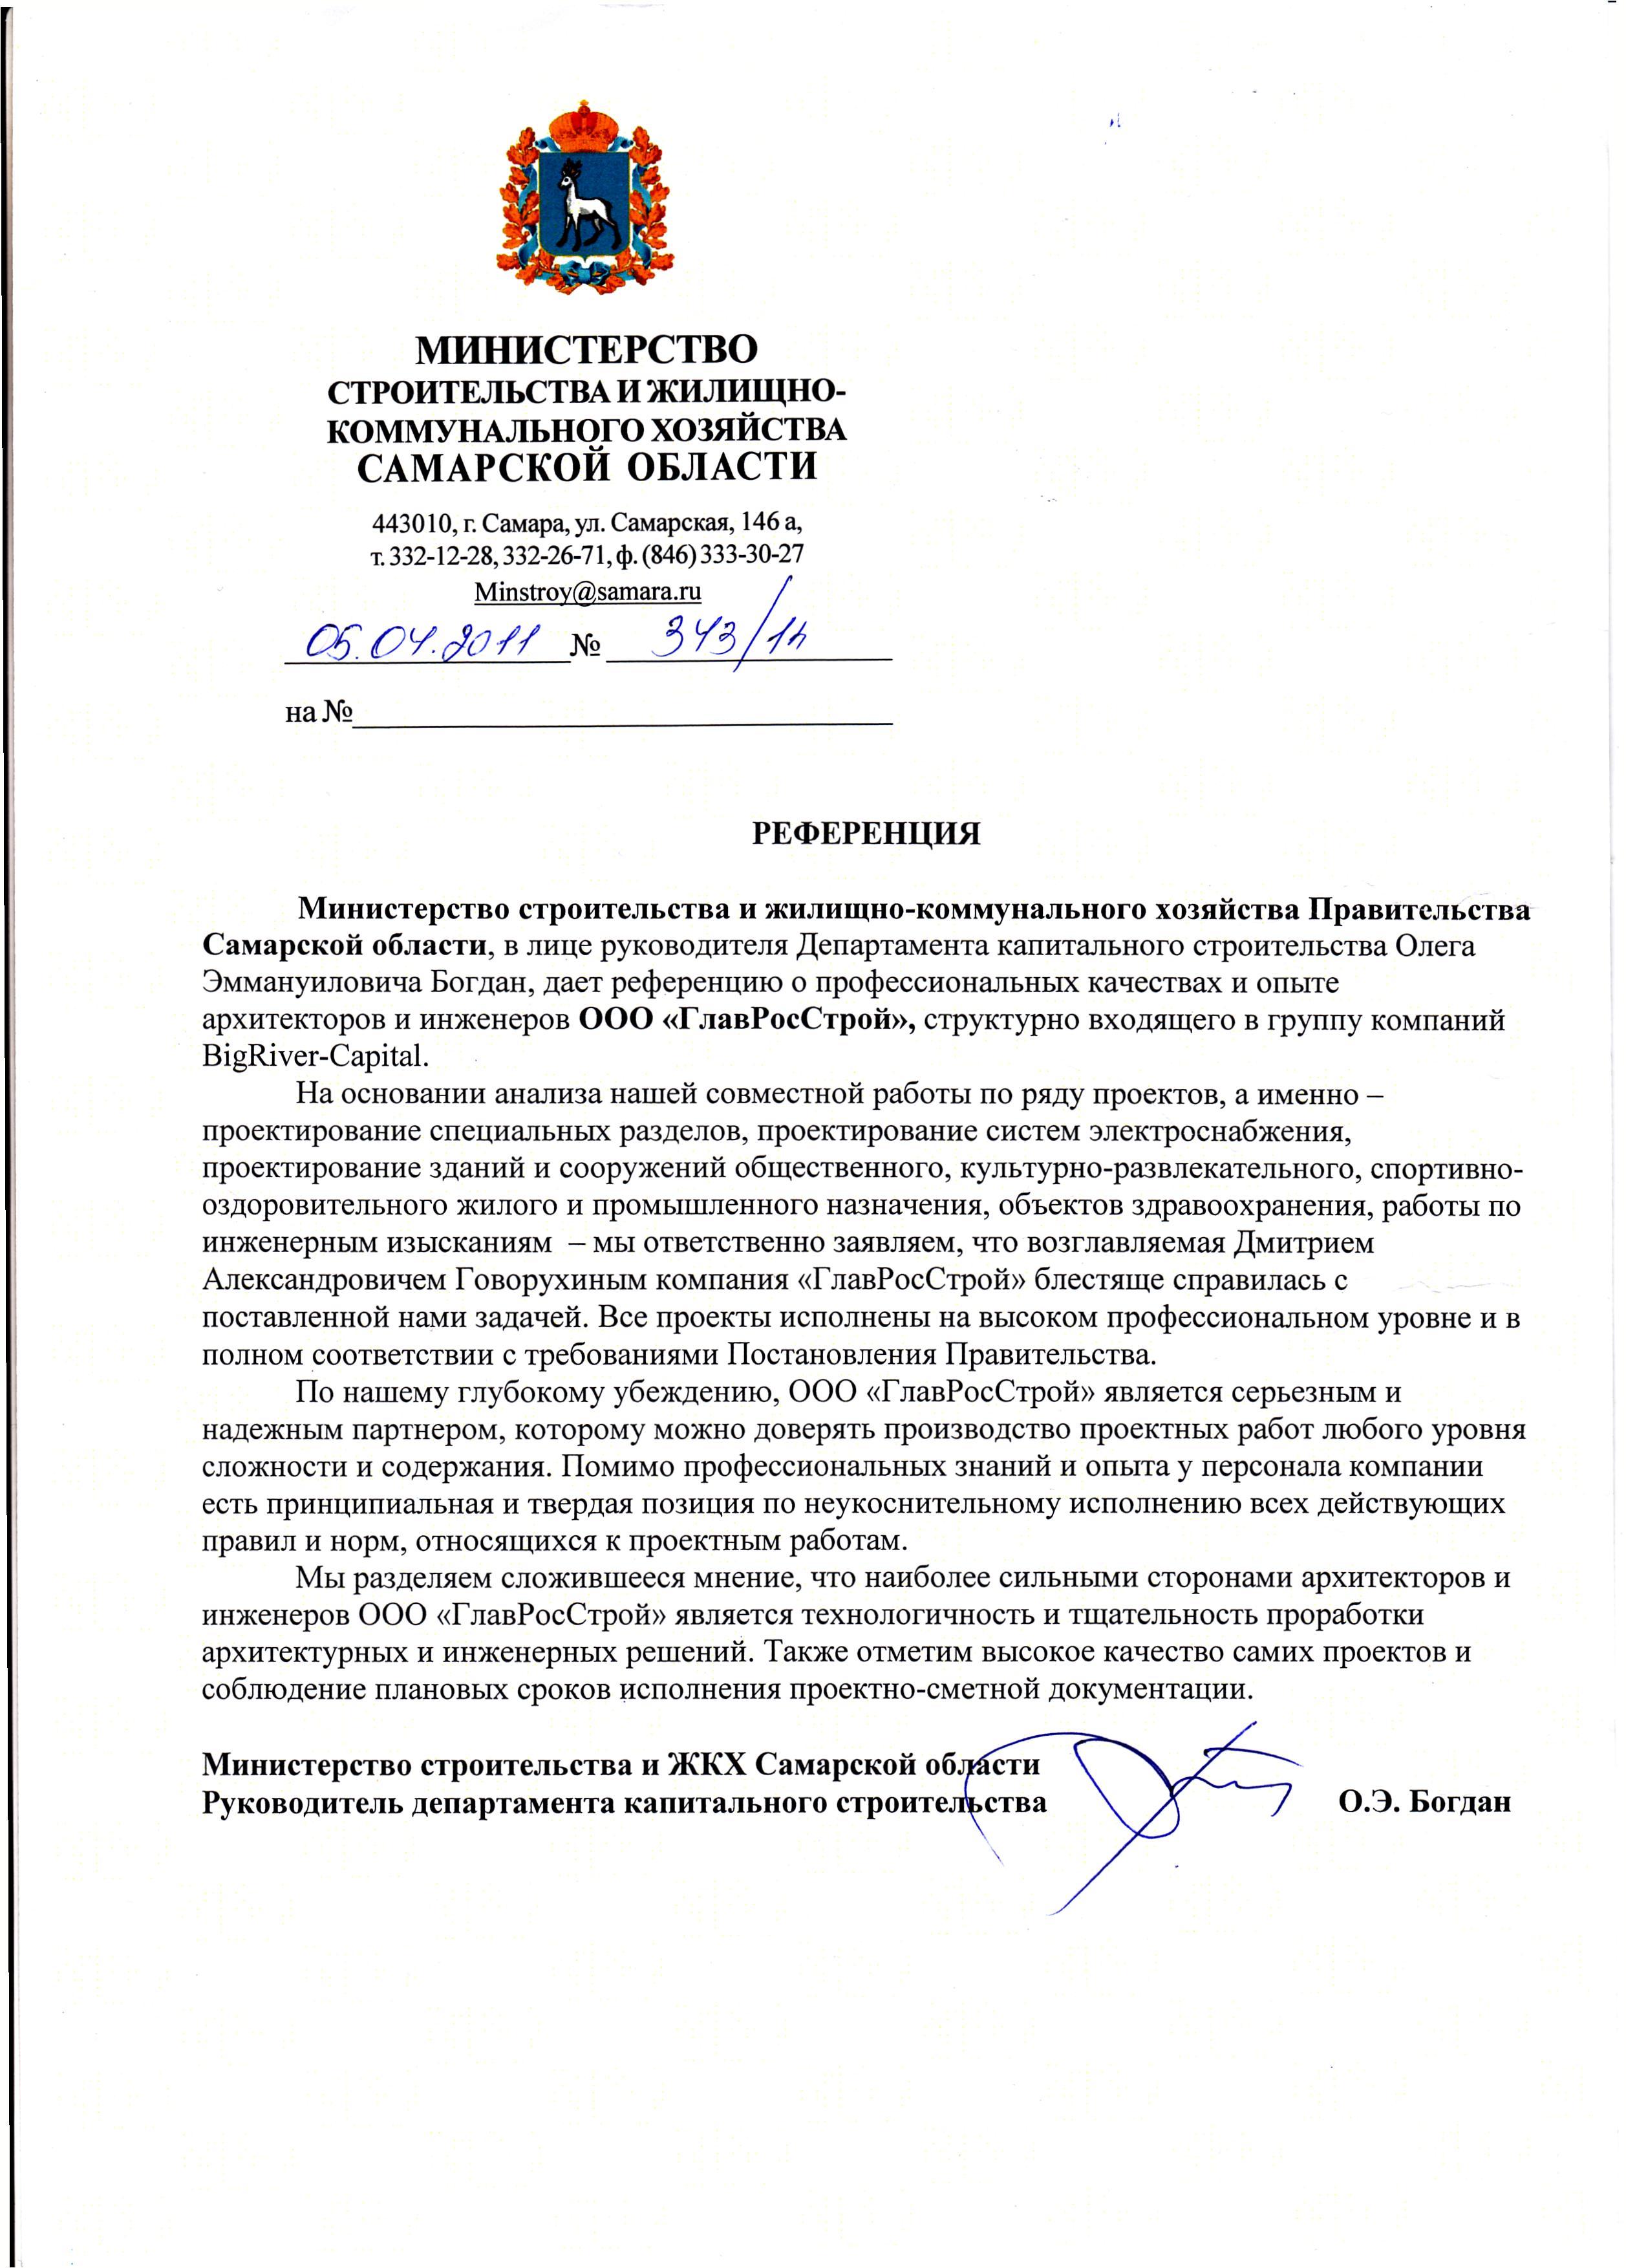 ГРС Мин.строительства ГРС